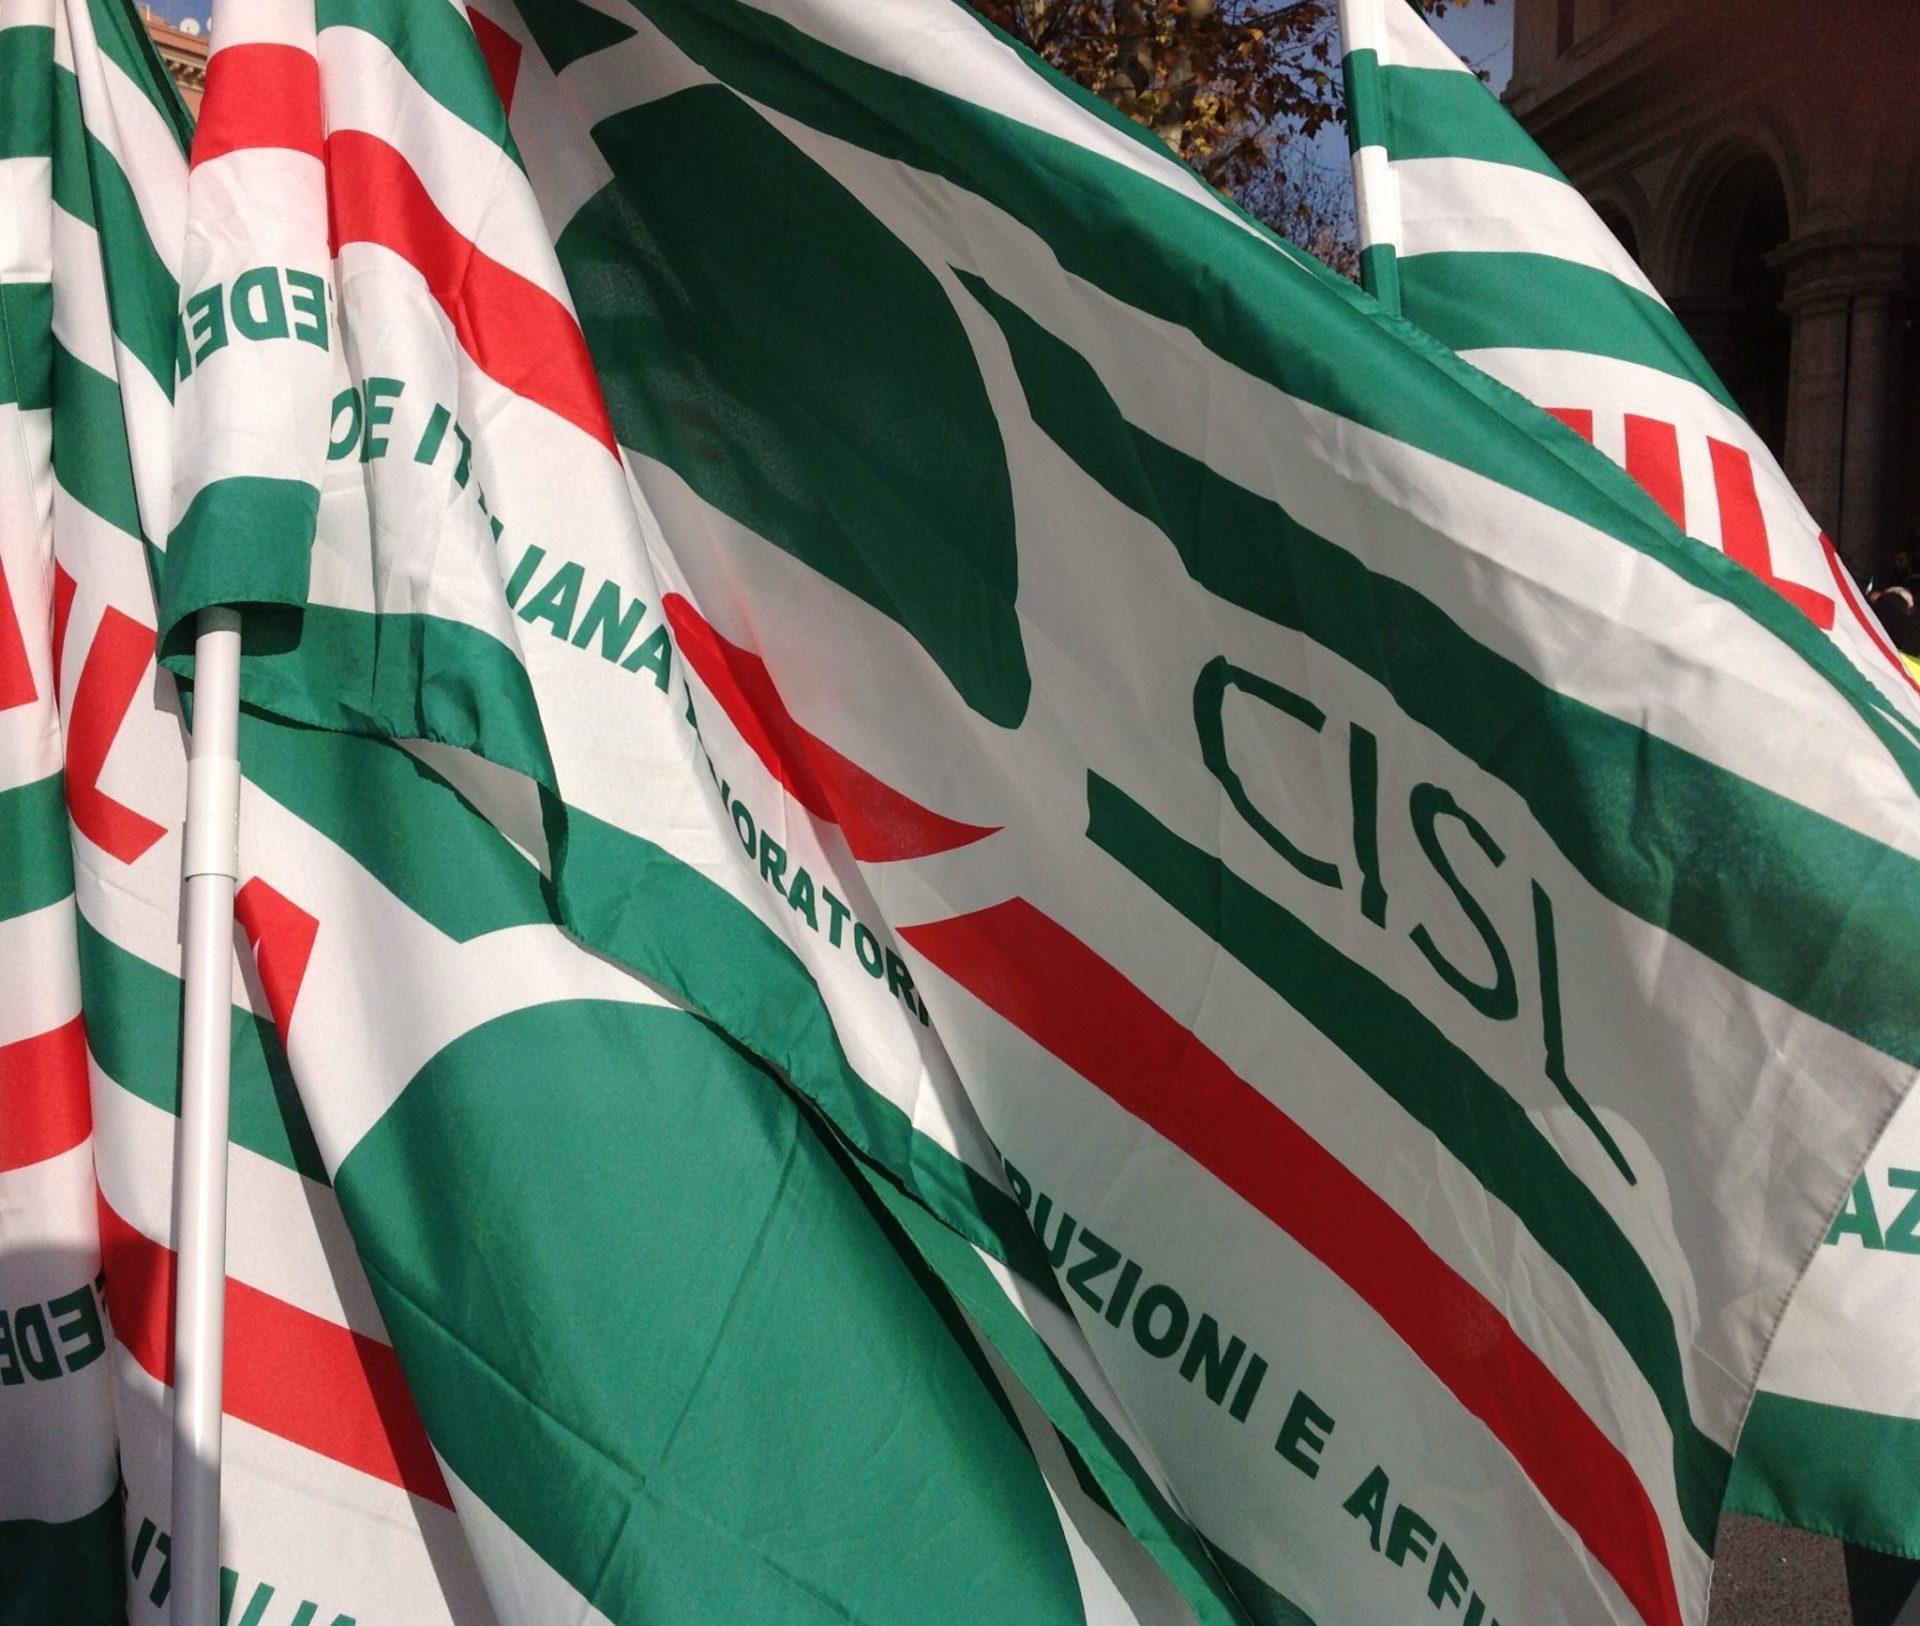 Bandiere Filca per Terzo Valico